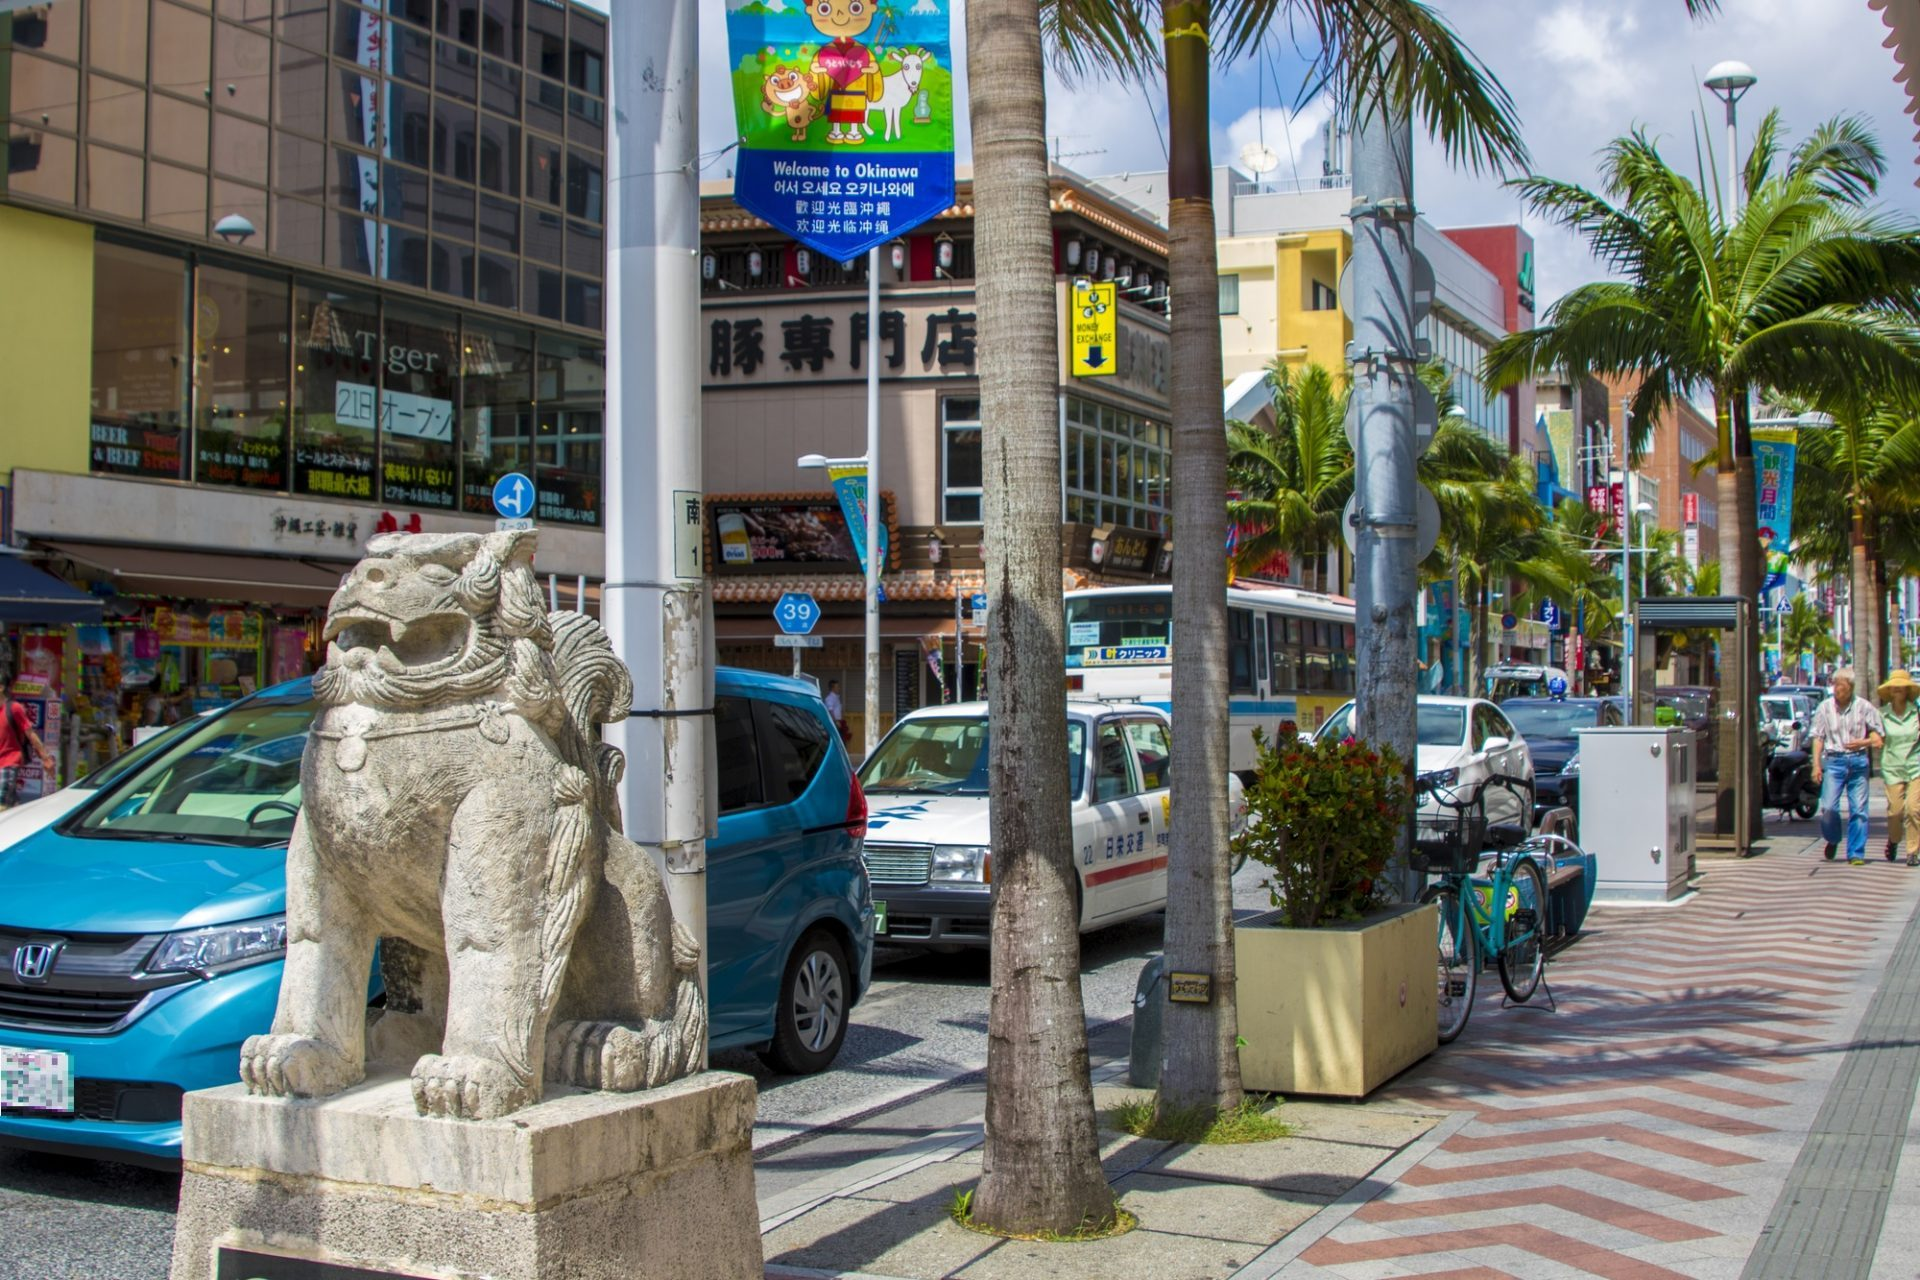 国際通り 那覇市 沖縄 南部 観光 おすすめ 旅行 スポット 地